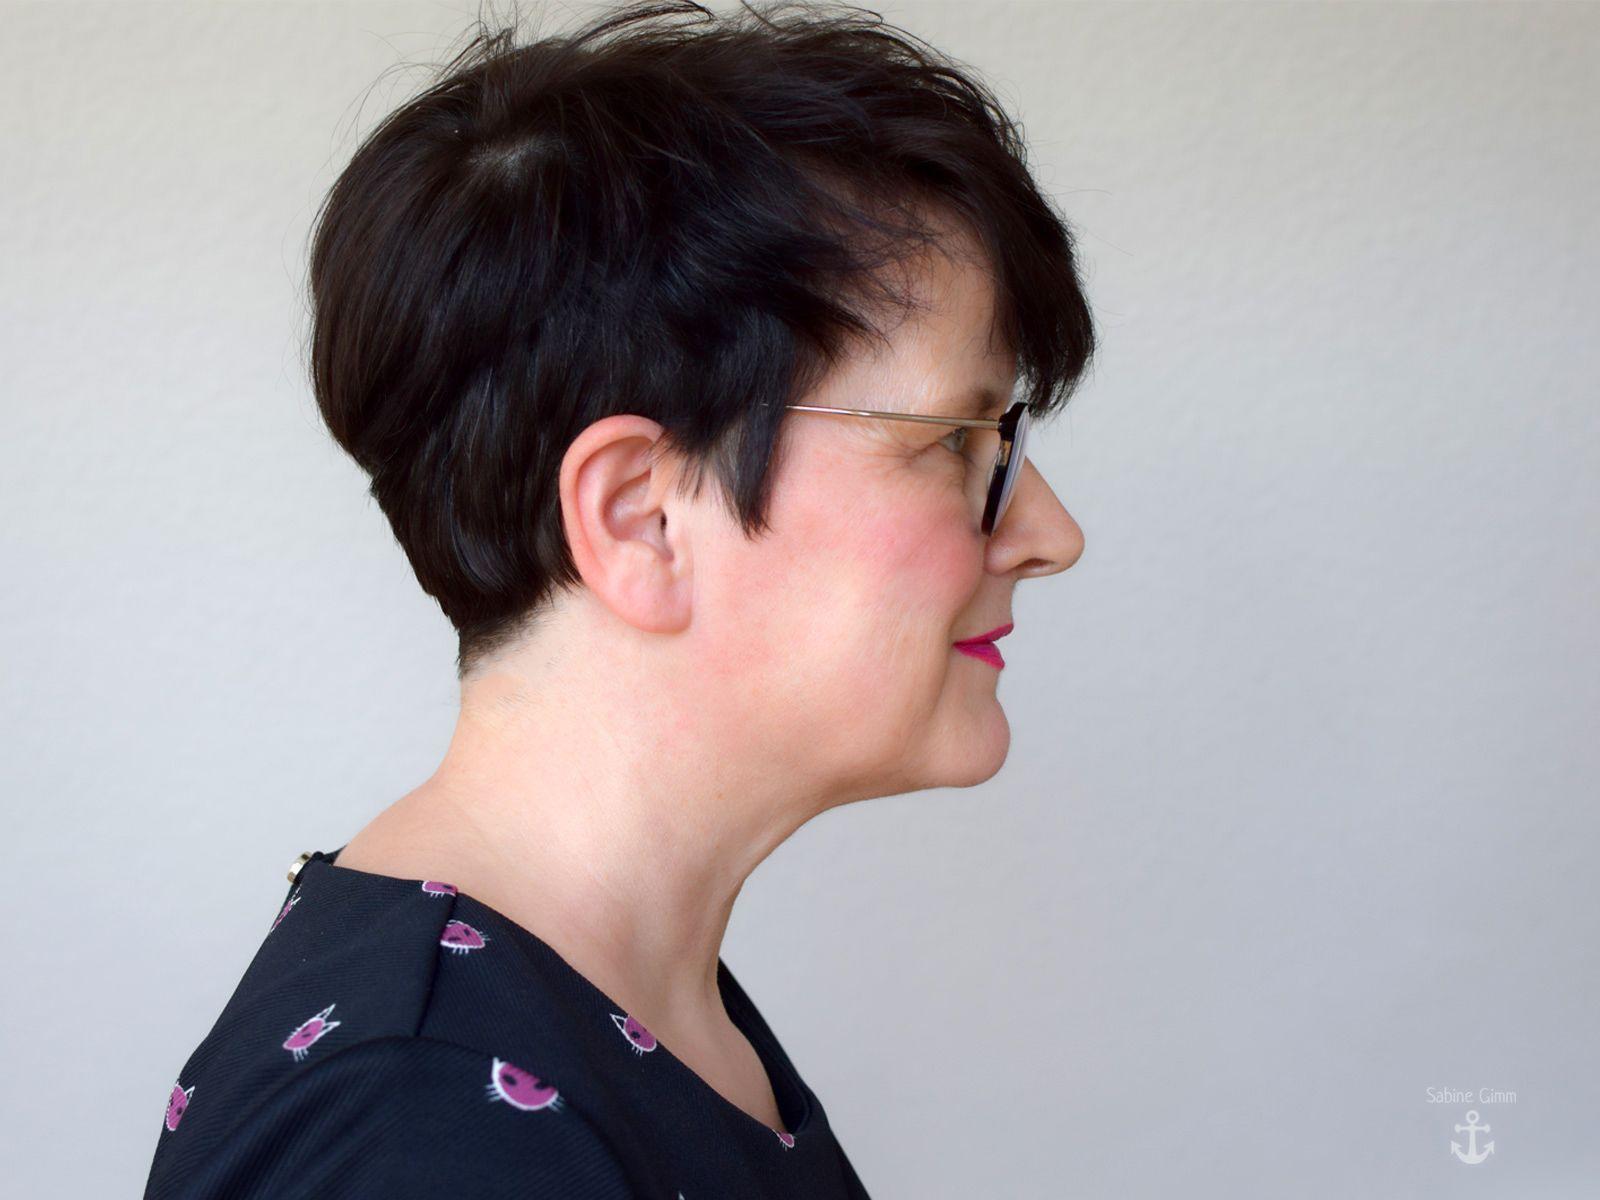 Die Frau über 50 Braucht Einen Flotten Kurzhaarschnitt Sabine Gimm